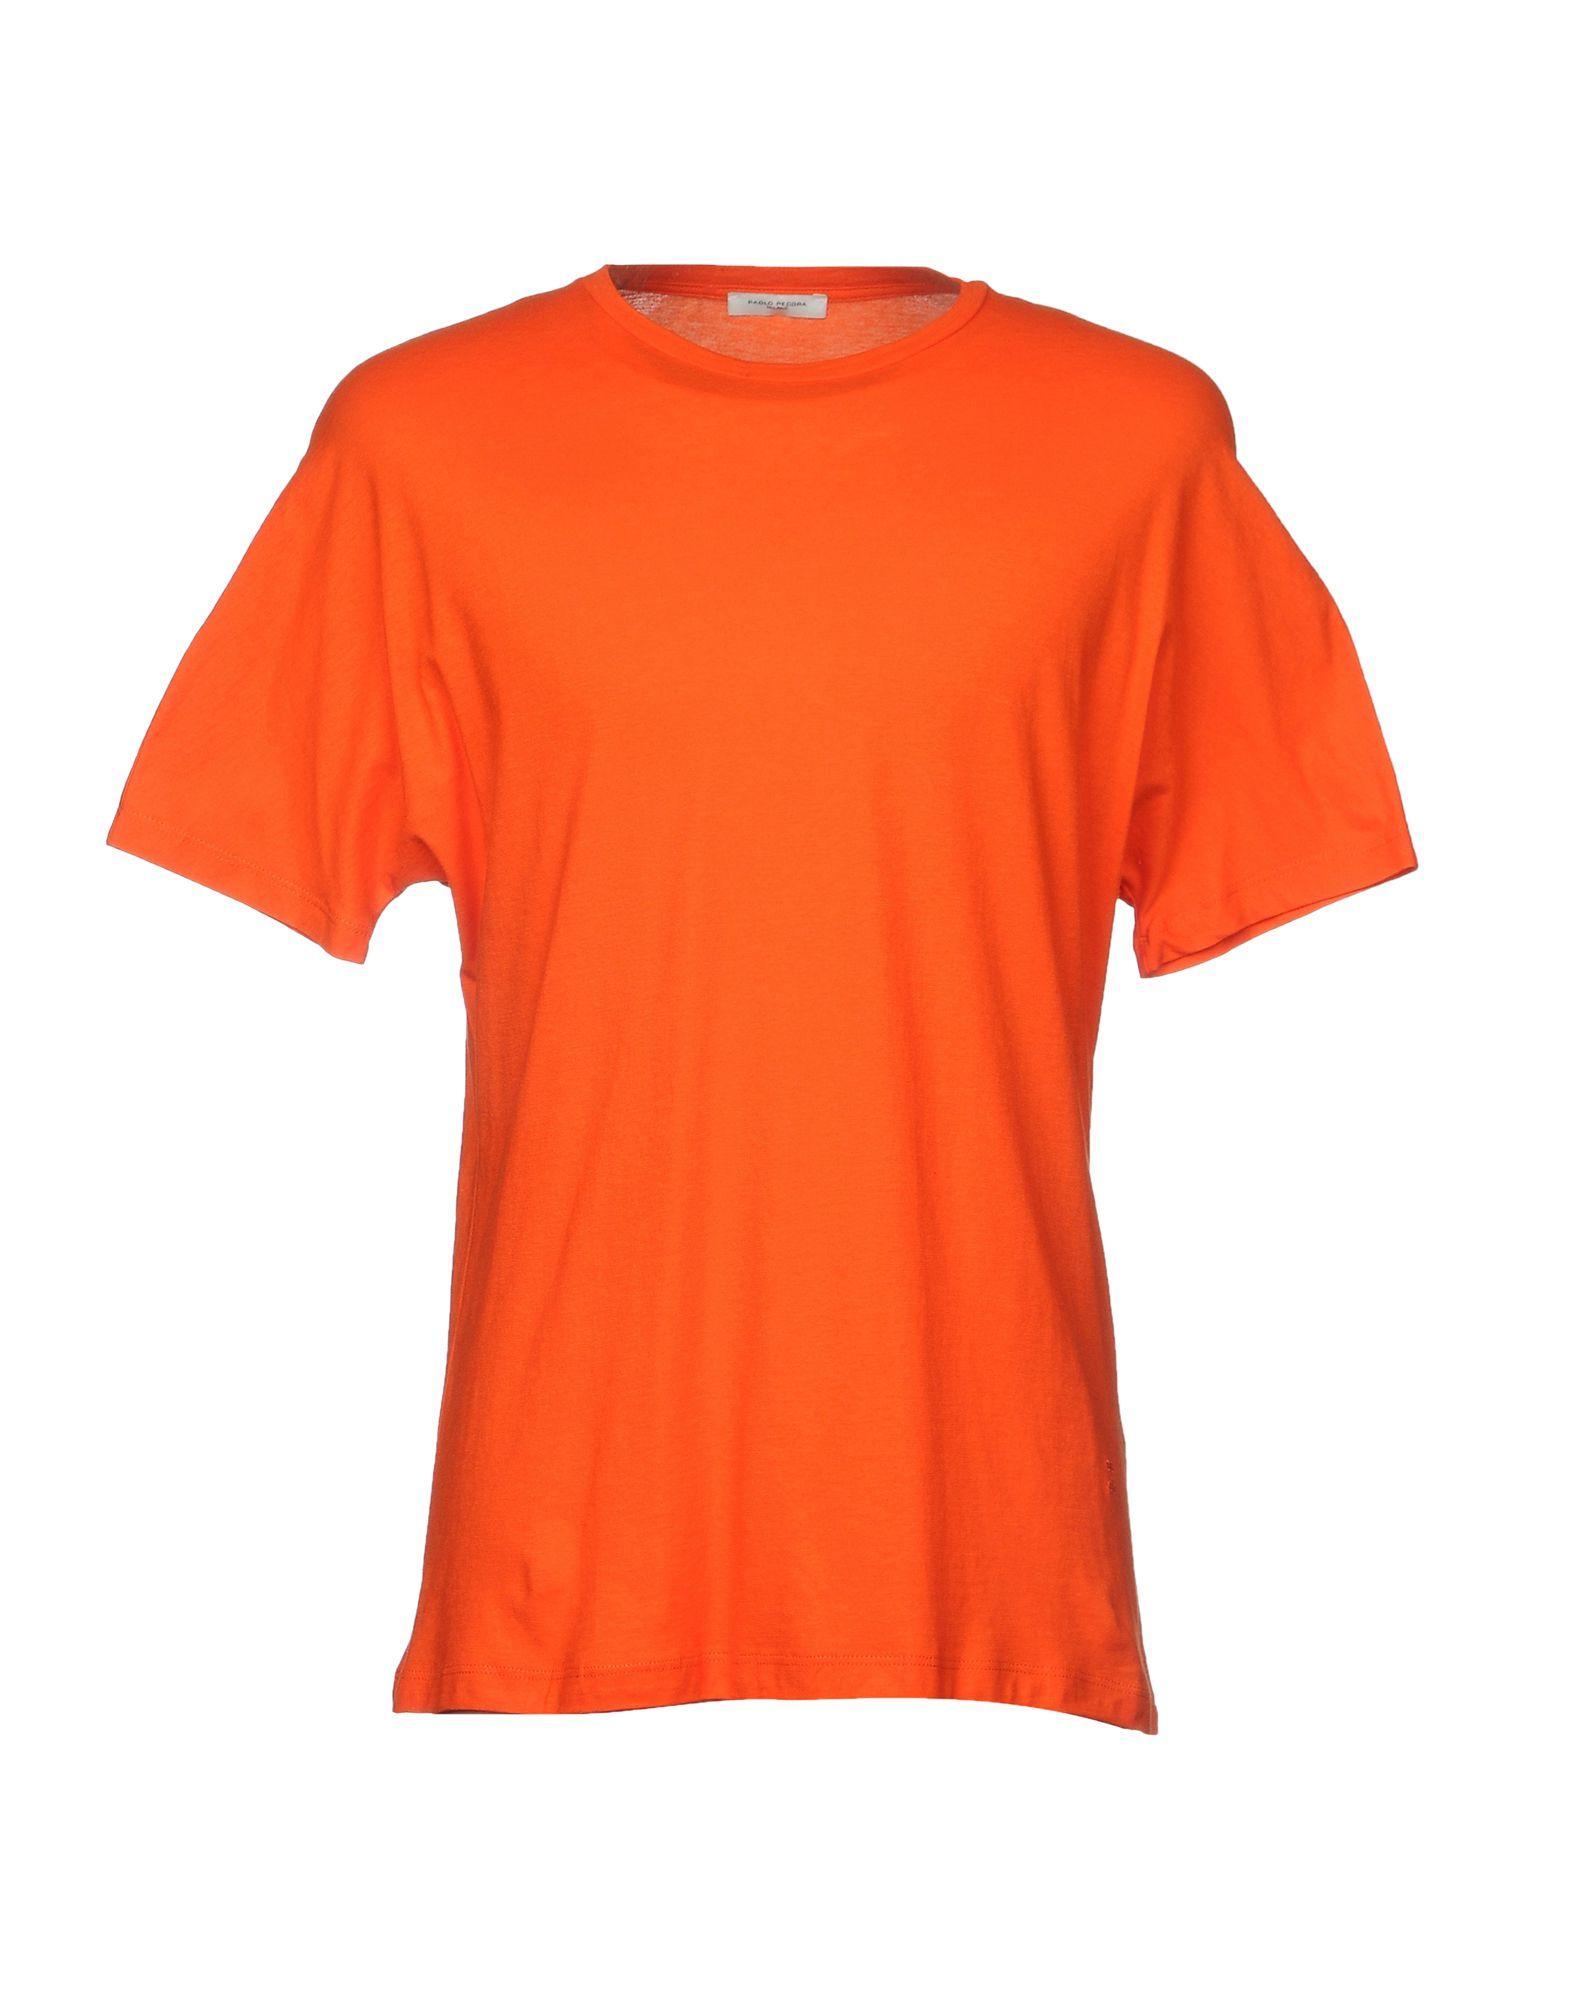 《送料無料》PAOLO PECORA メンズ T シャツ オレンジ M コットン 100%